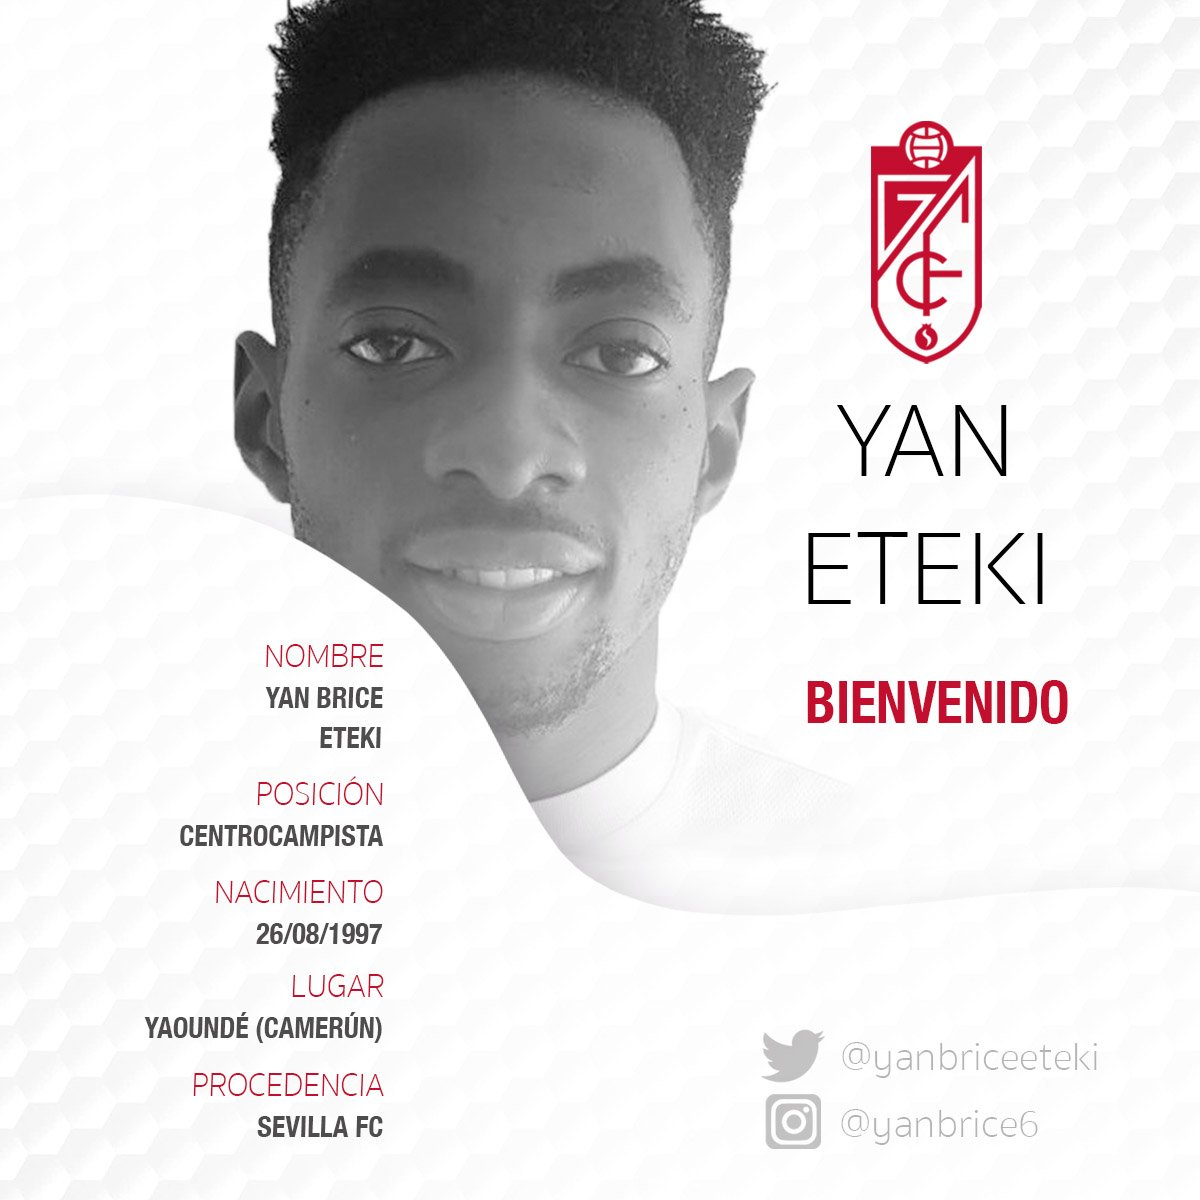 Yan Eteki